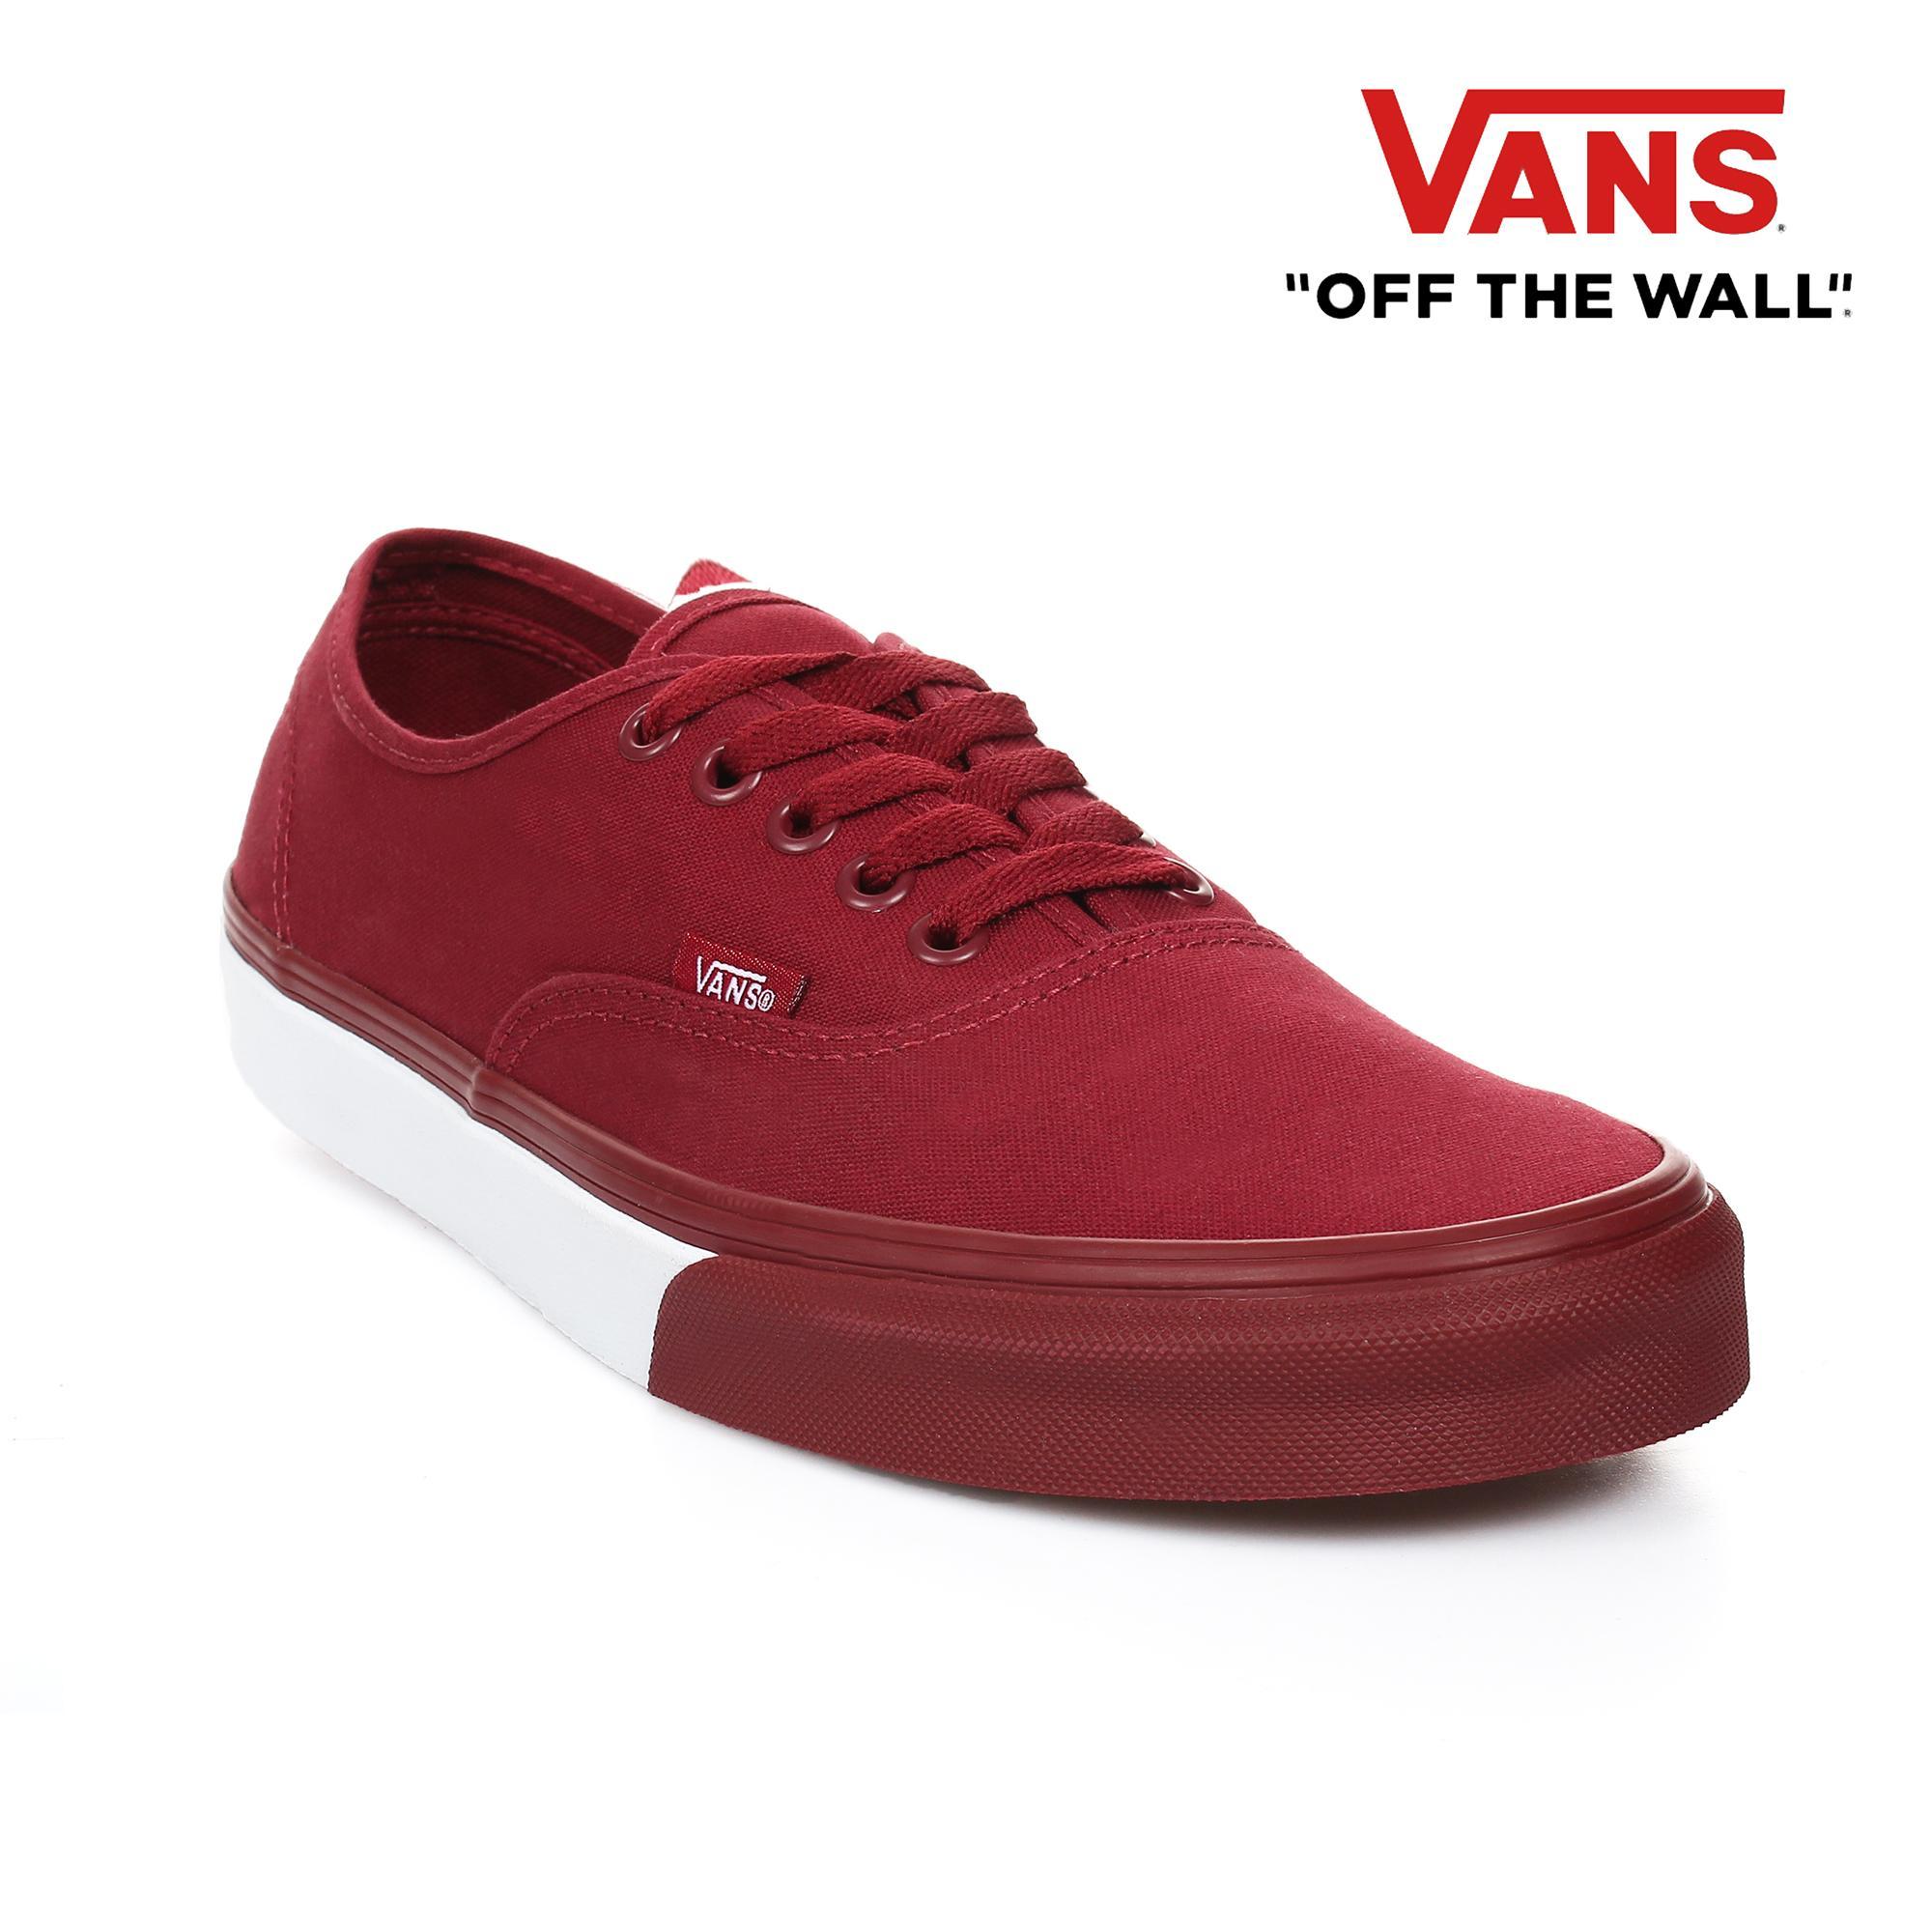 Vans Philippines Prices Men's For Sale Men Shoes 7Pxw7qrR